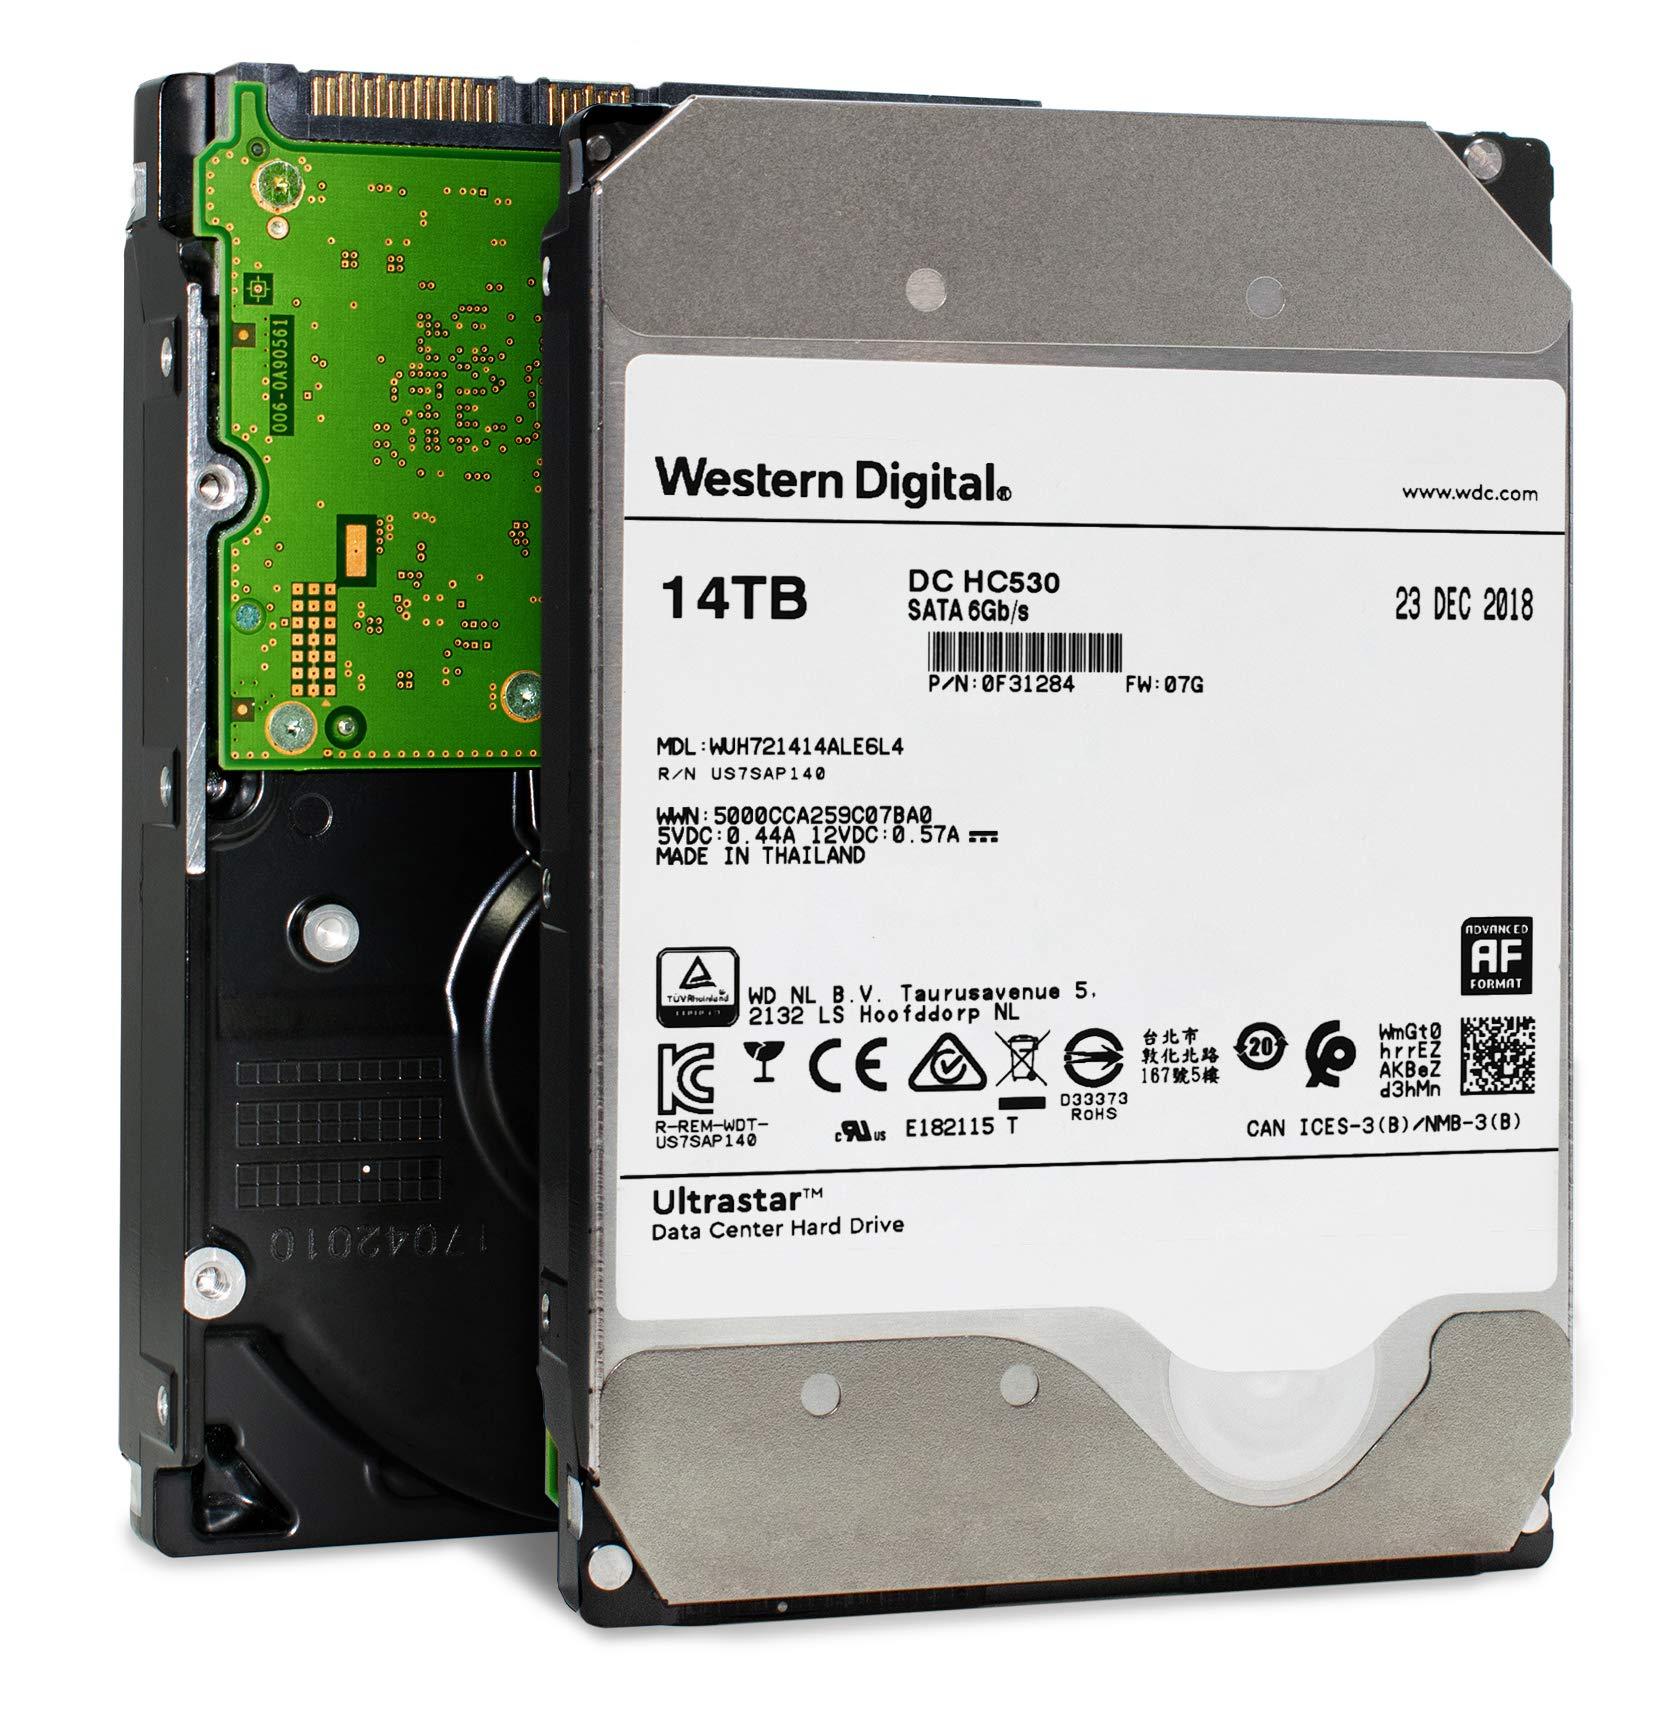 Western Digital 14TB Ultrastar DC HC530 SATA HDD - 7200 RPM Class, SATA 6 Gb/s, 512MB Cache, 3.5'' - WUH721414ALE6L4